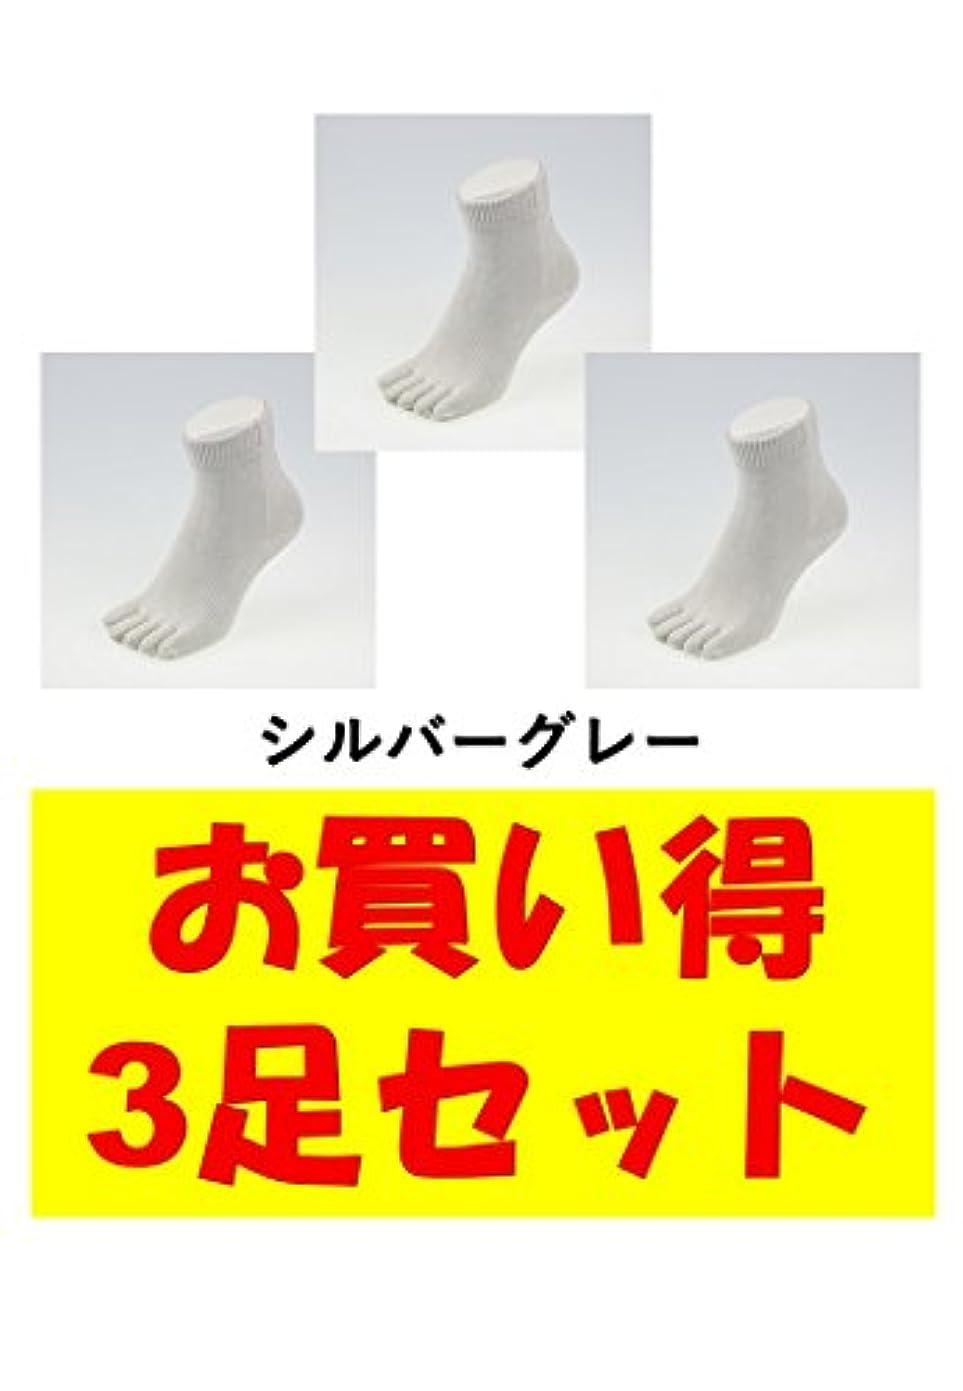 メロンヨーロッパ船員お買い得3足セット 5本指 ゆびのばソックス Neo EVE(イヴ) シルバーグレー iサイズ(23.5cm - 25.5cm) YSNEVE-SGL